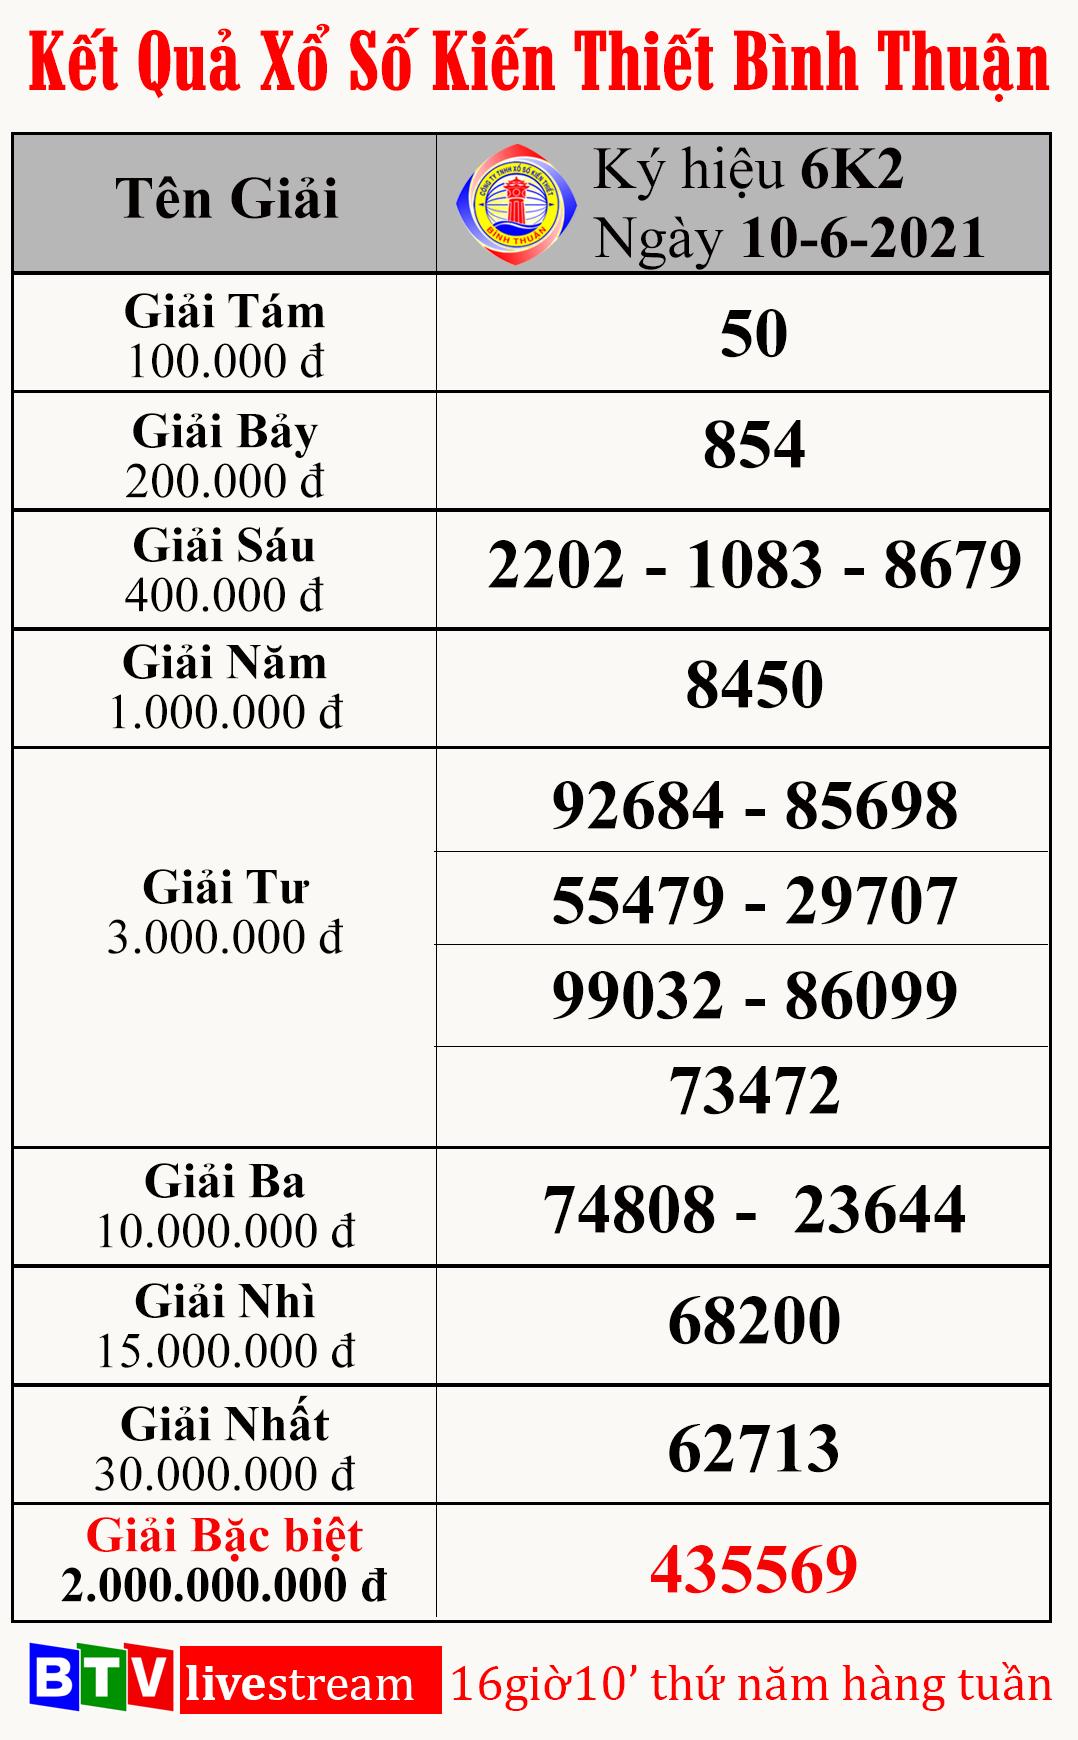 Kết quả xổ số kiến thiết Bình Thuận